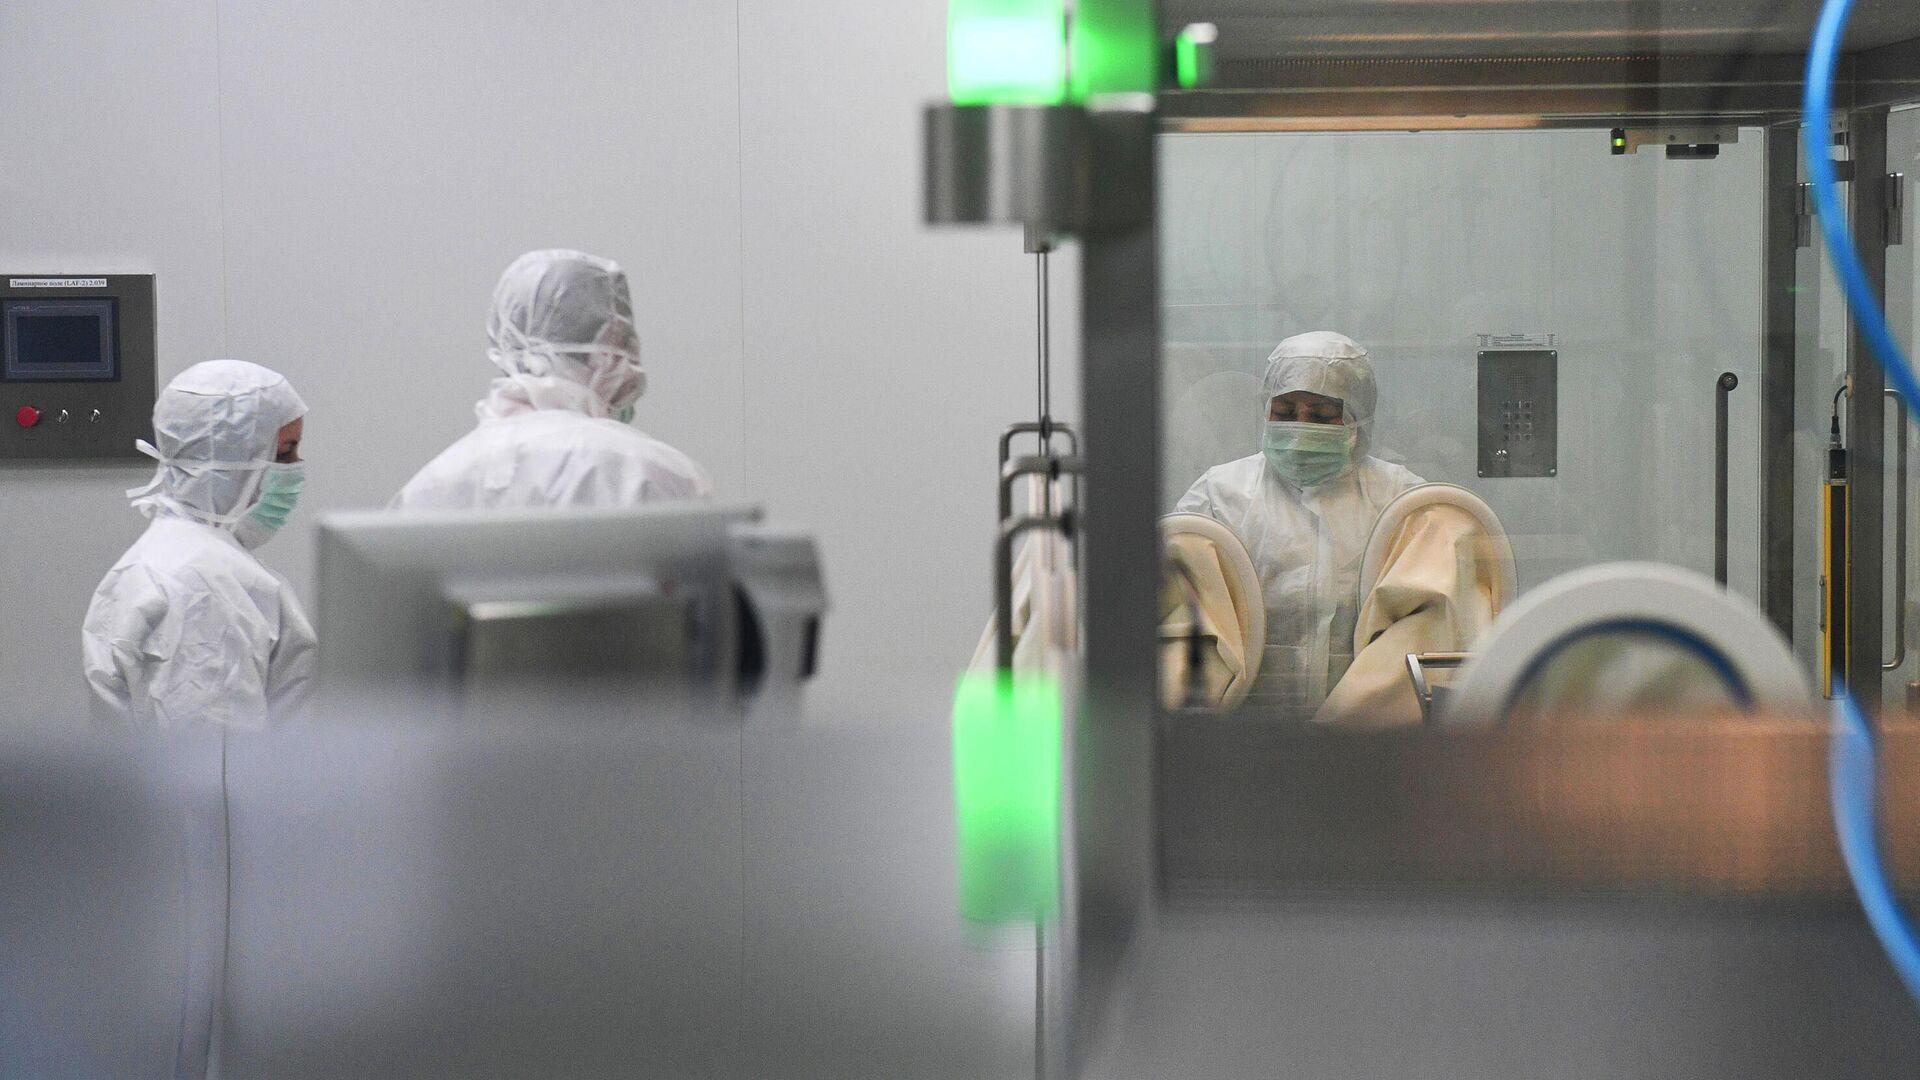 Линия розлива инъекционных препаратов шприц-доза вакцины ЭпиВакКорона на предприятии Вектор-БиАльгам в Новосибирске - РИА Новости, 1920, 31.03.2021